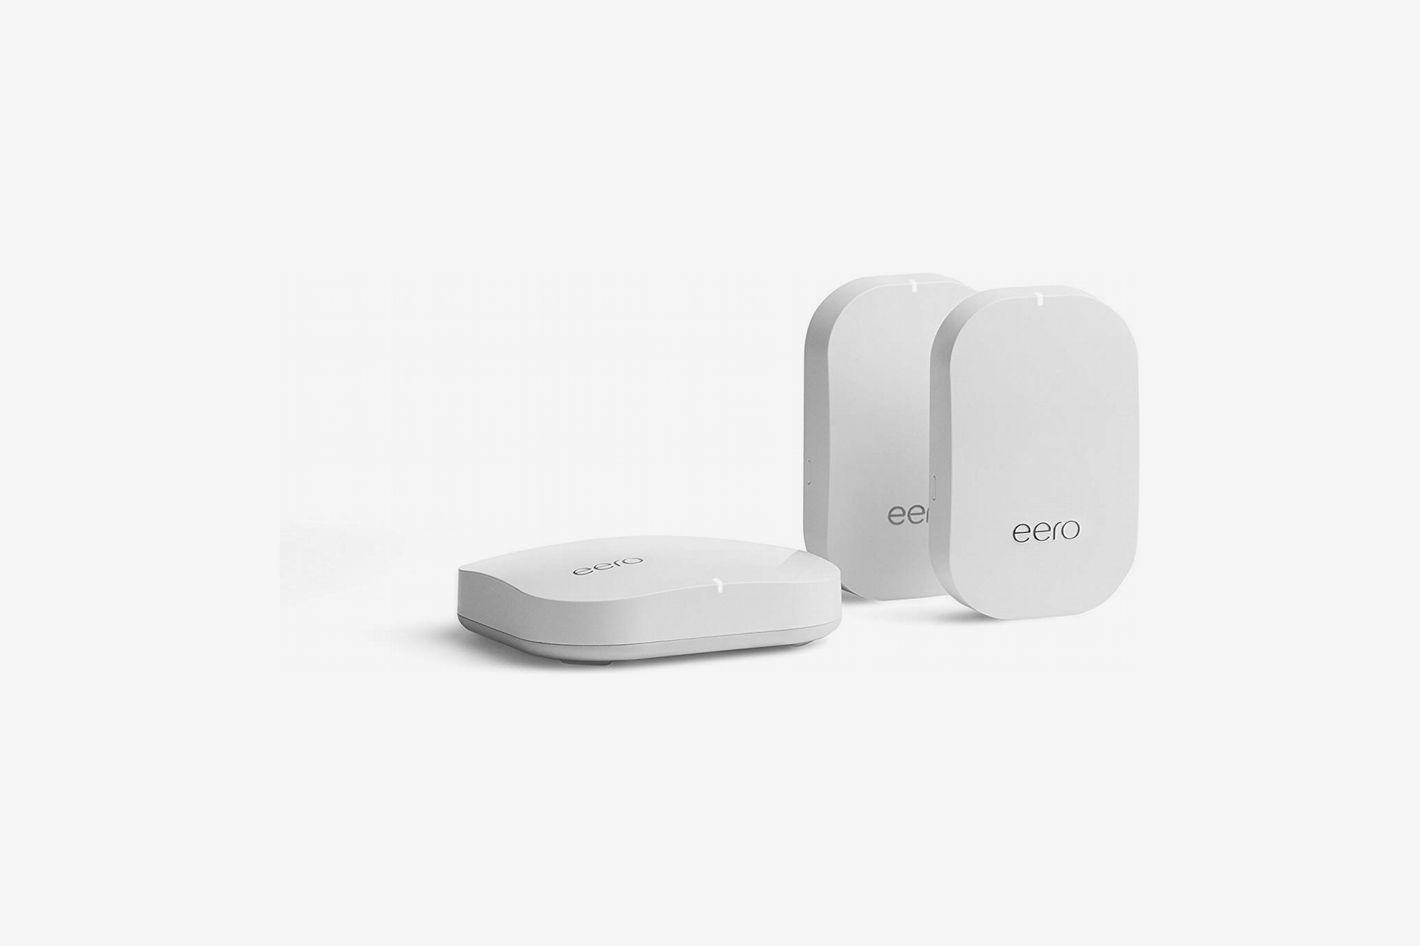 Eero Home WiFi System (1 Eero Base Unit and 2 Eero Beacons)